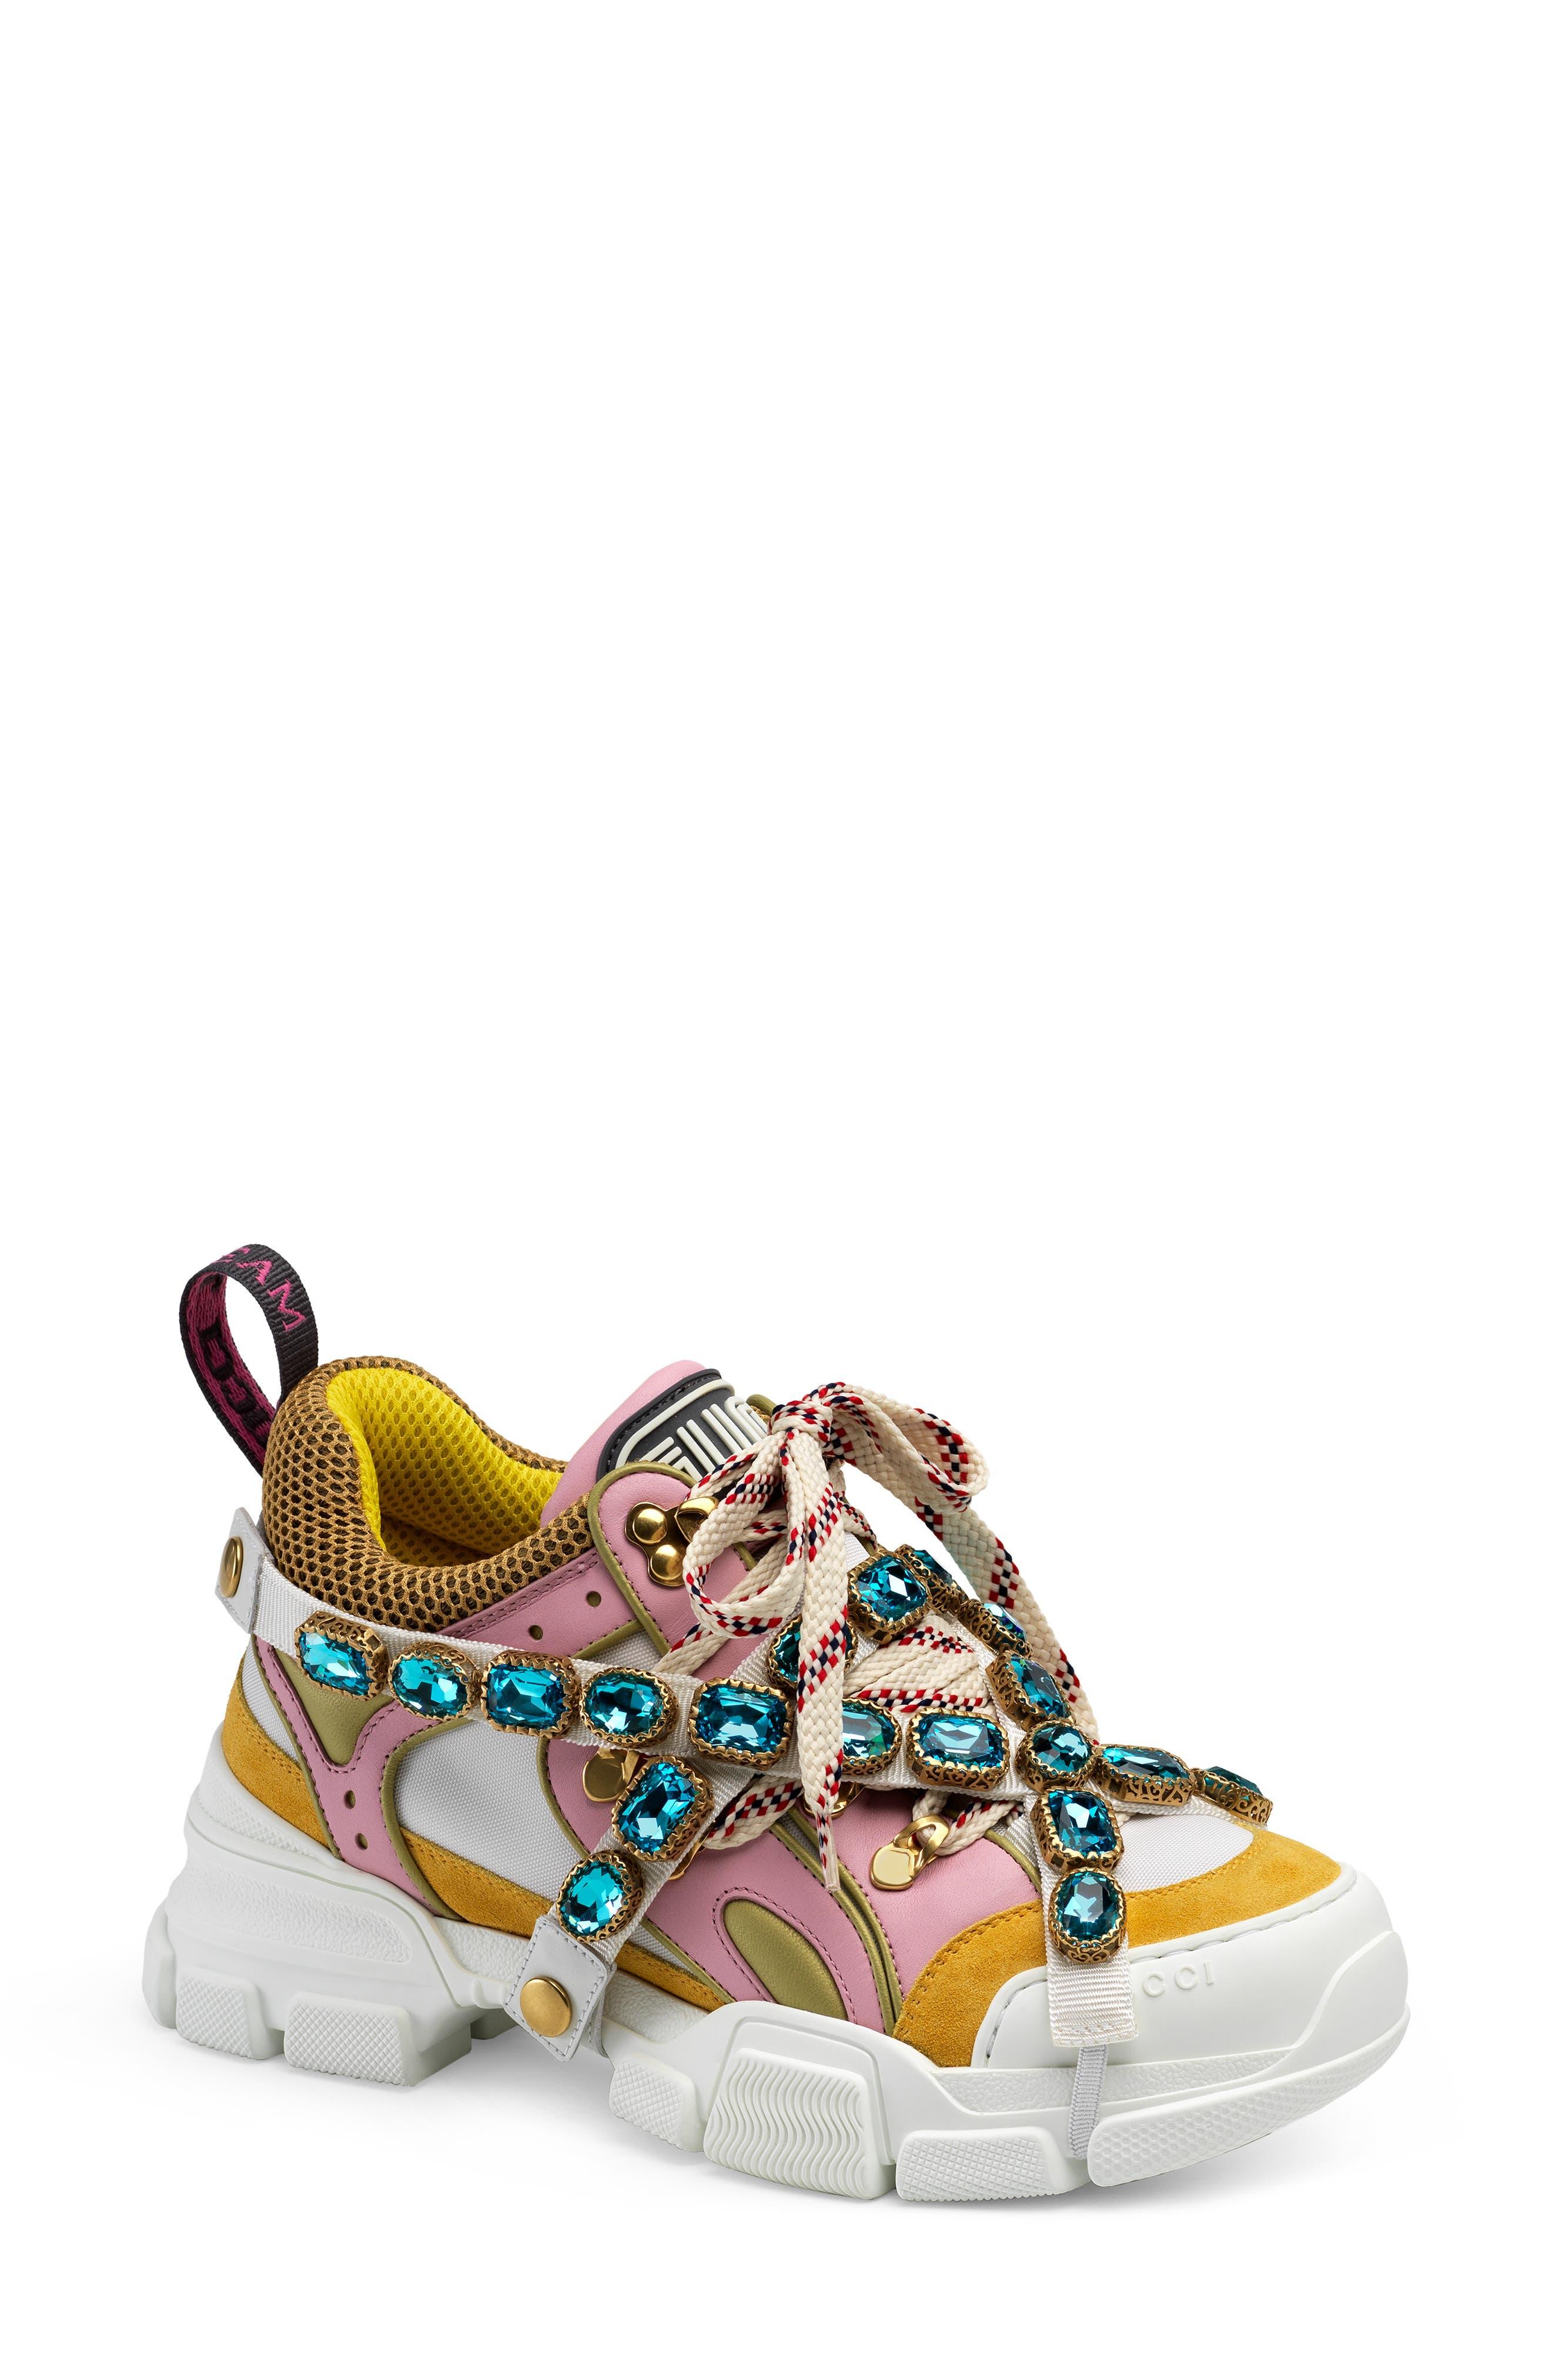 Sneakers & Tennis Shoes for Women Nordstrom Rack    Gucci gymnastikskor & löparskor för kvinnor   title=          Nordstrom